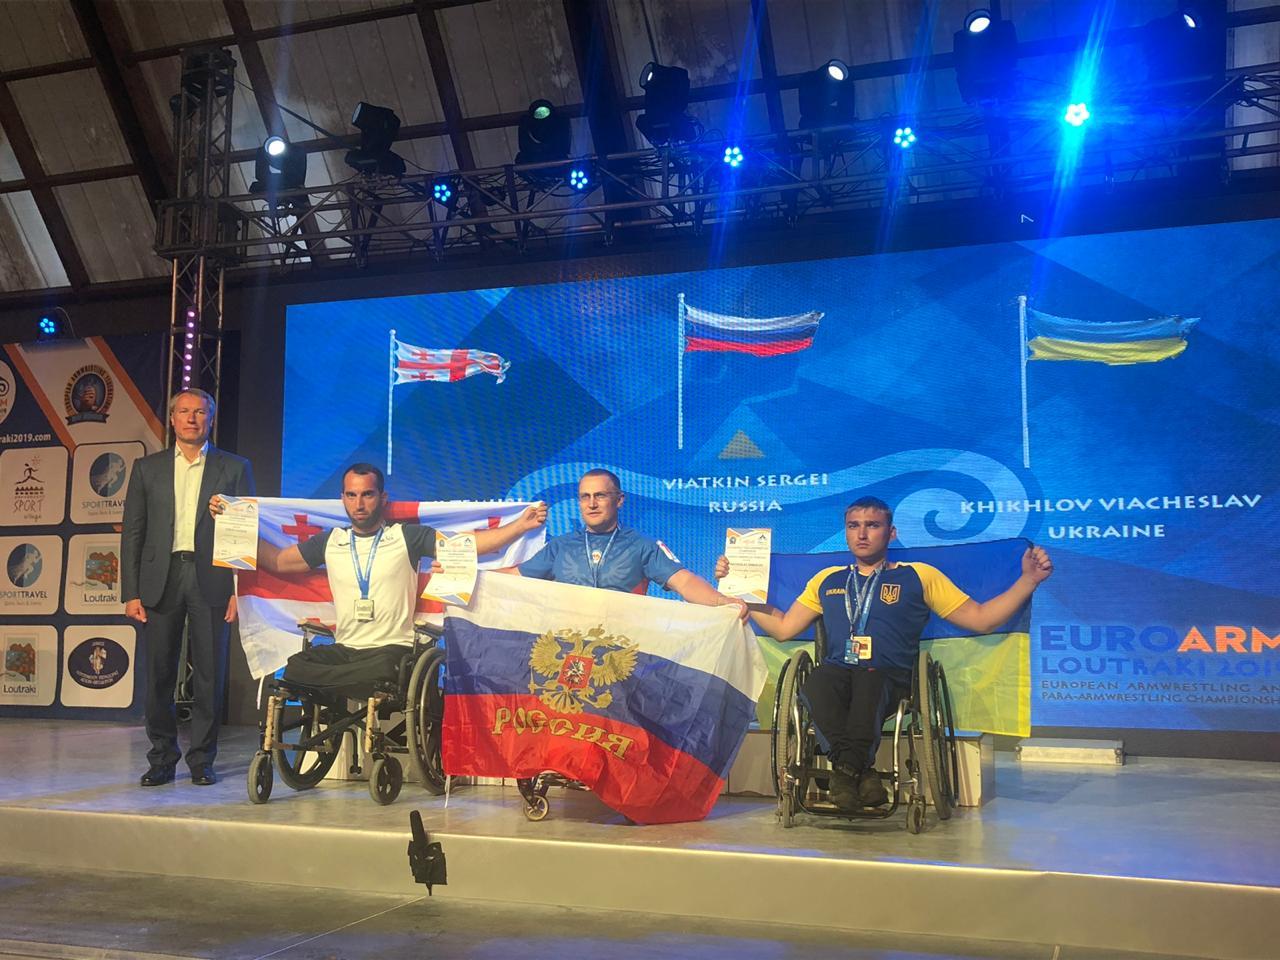 Российские спортсмены успешно выступили на чемпионате Европы по пара-армрестлингу в Греции